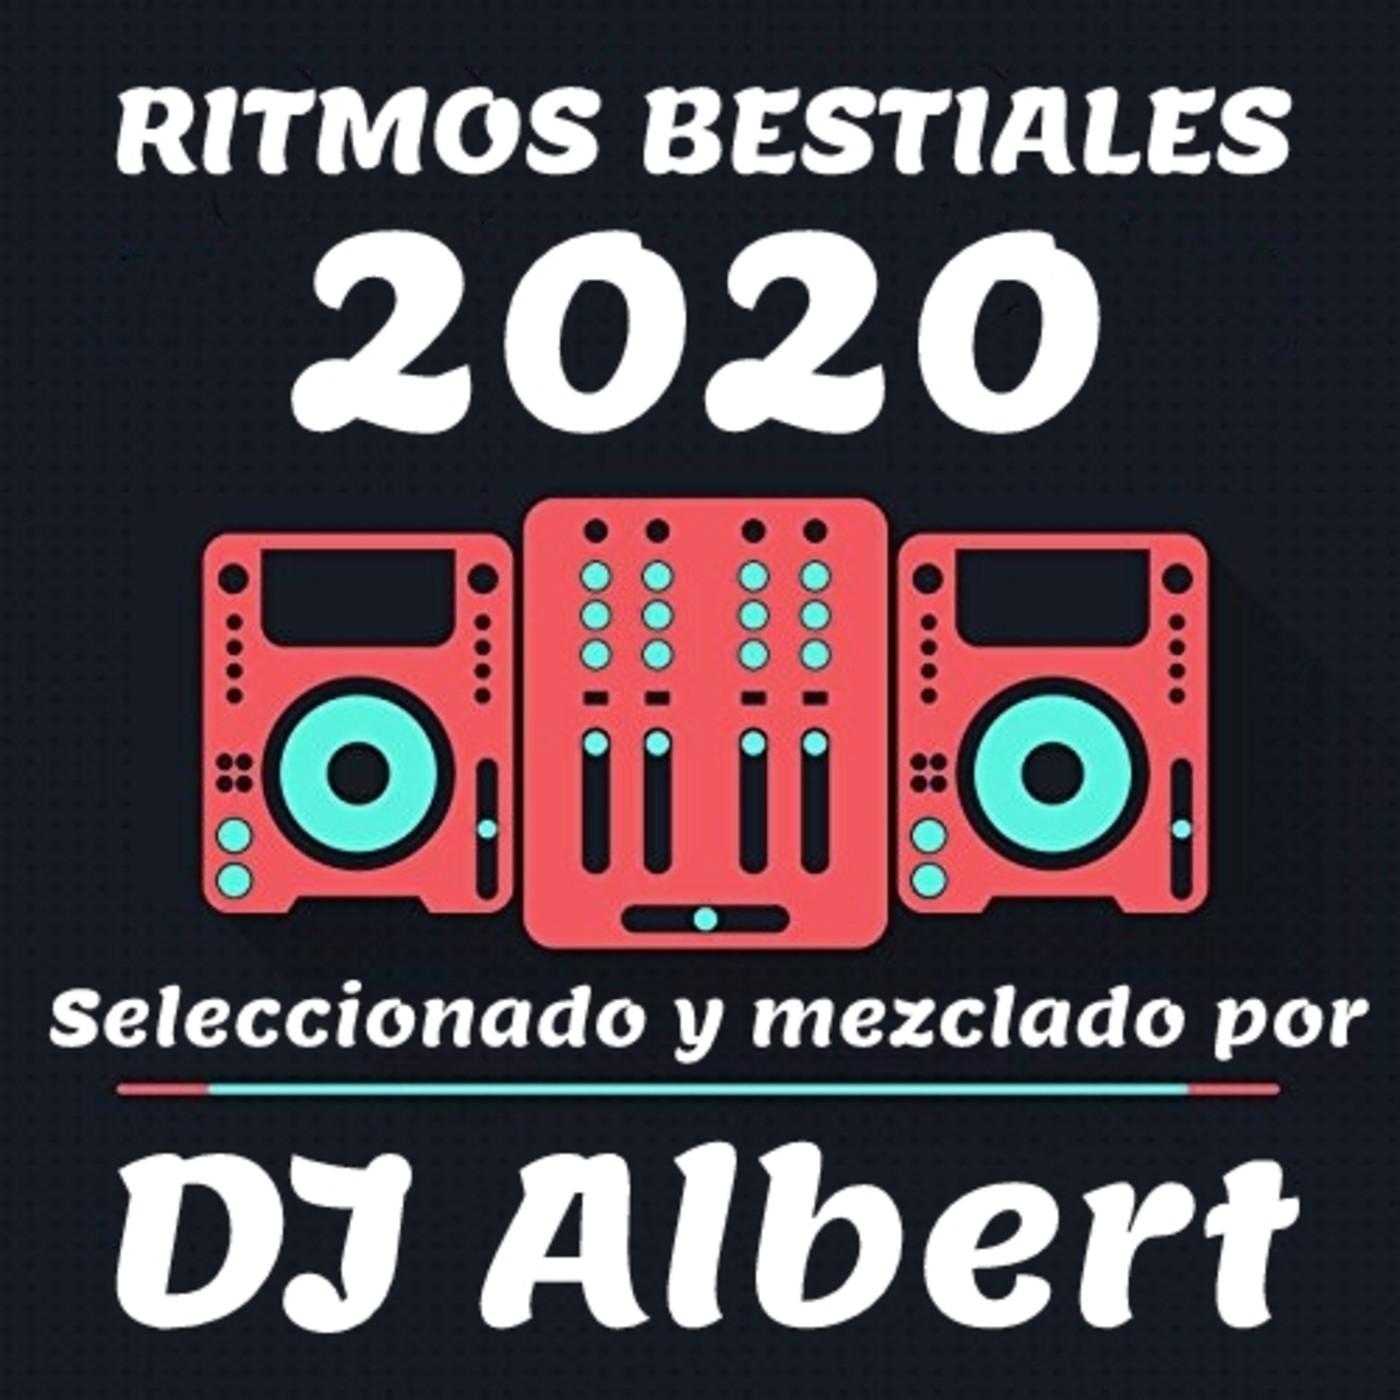 RITMOS BESTIALES 2020 Seleccionado y mezclado por DJ Albert